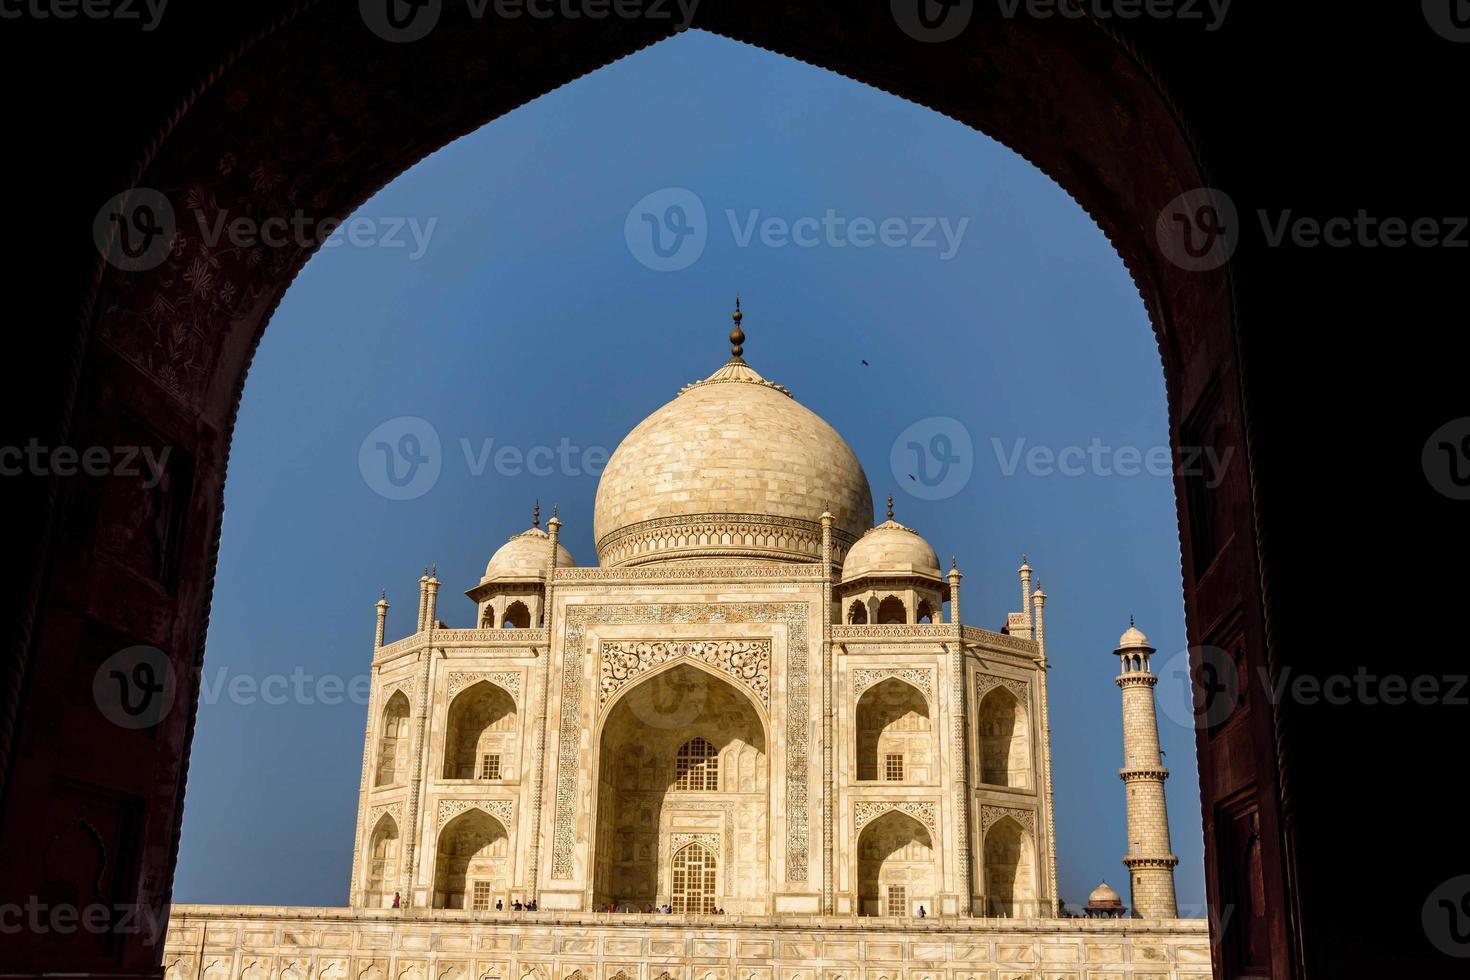 taj mahal ingelijst binnen een boog, blauwe lucht, foto